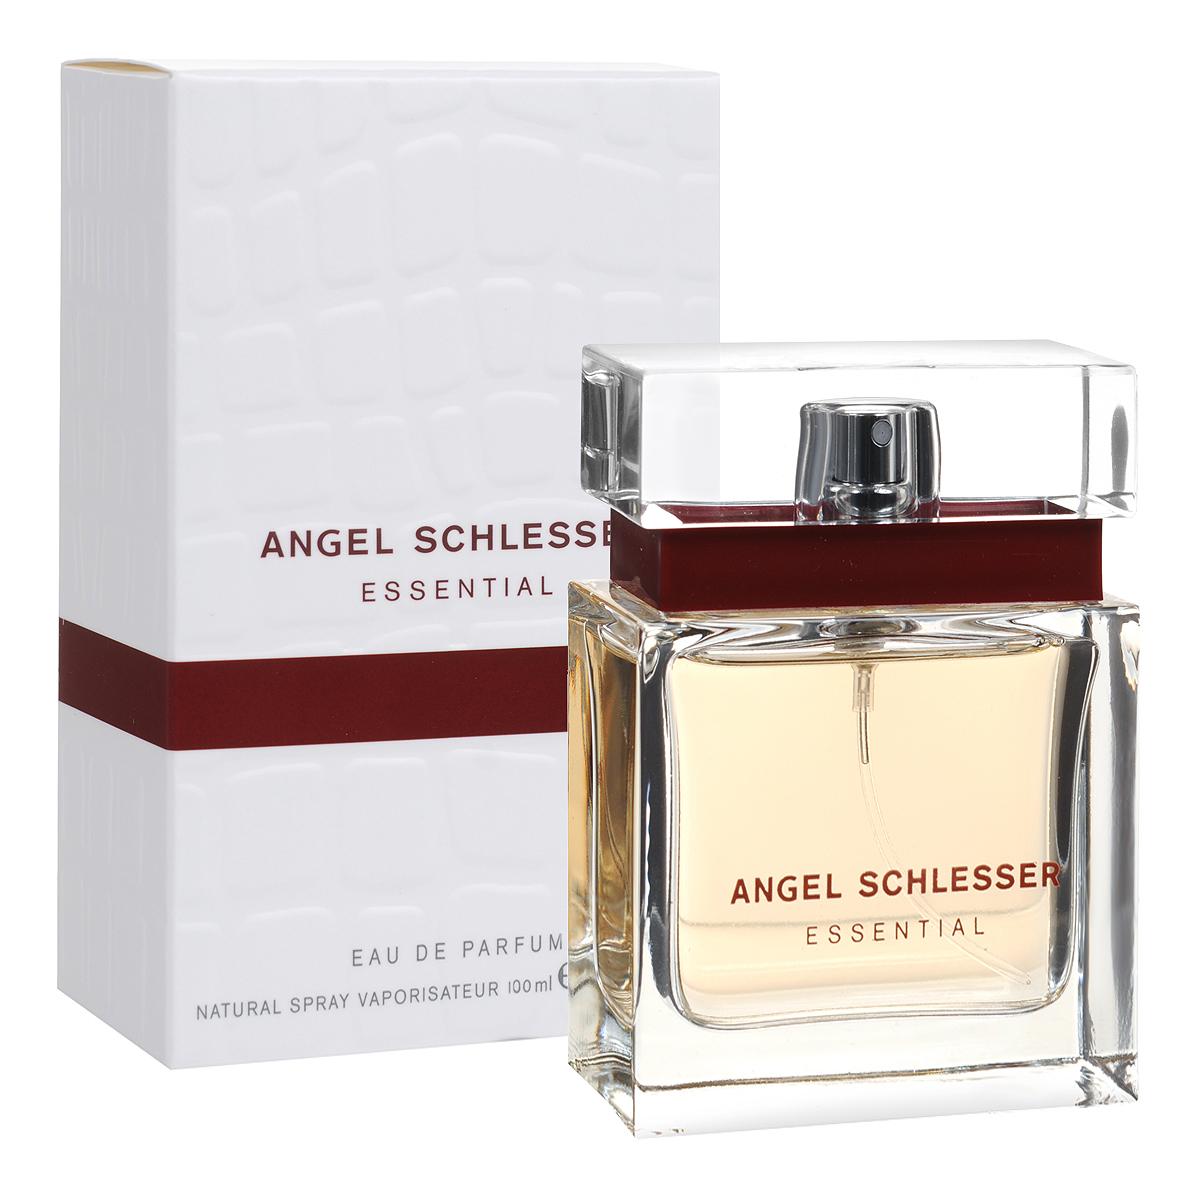 Angel Schlesser Парфюмерная вода Essential, женская, 100 мл41505Женский аромат Angel Schlesser Essential создан для современной, уверенной в себе женщины, которая следит за новыми тенденциями в мире моды и парфюмерии. Он посвящен элегантной, соблазнительной и неповторимой женщине. Она обладает яркой маняще-откровенной красотой, но в то же время скрывает в себе неразрешимую притягательную тайну. Эта тайна делает ее особенной, непохожей на других, наполняя сосуд ее красоты бесконечным и драгоценным содержанием.Классификация аромата: цветочно-фруктовый.Пирамида аромата:Верхние ноты: бергамот, красная смородина, свежесть фруктов.Ноты сердца: болгарская роза, пион, фрезия, фиалка..Ноты шлейфа:мускус, ветивер, сандал. Ключевые слованежный, свежий! Самый популярный вид парфюмерной продукции на сегодняшний день - парфюмерная вода. Это объясняется оптимальным балансом цены и качества - с одной стороны, достаточно высокая концентрация экстракта (10-20% при 90% спирте), с другой - более доступная, по сравнению с духами, цена. У многих фирм парфюмерная вода - самый высокий по концентрации экстракта вид товара, т.к. далеко не все производители считают нужным (или возможным) выпускать свои ароматы в виде духов. Как правило, парфюмерная вода всегда в спрее-пульверизаторе, что удобно для использования и транспортировки. Так что если духи по какой-либо причине приобрести нельзя, парфюмерная вода, безусловно, - самая лучшая им замена.Товар сертифицирован.